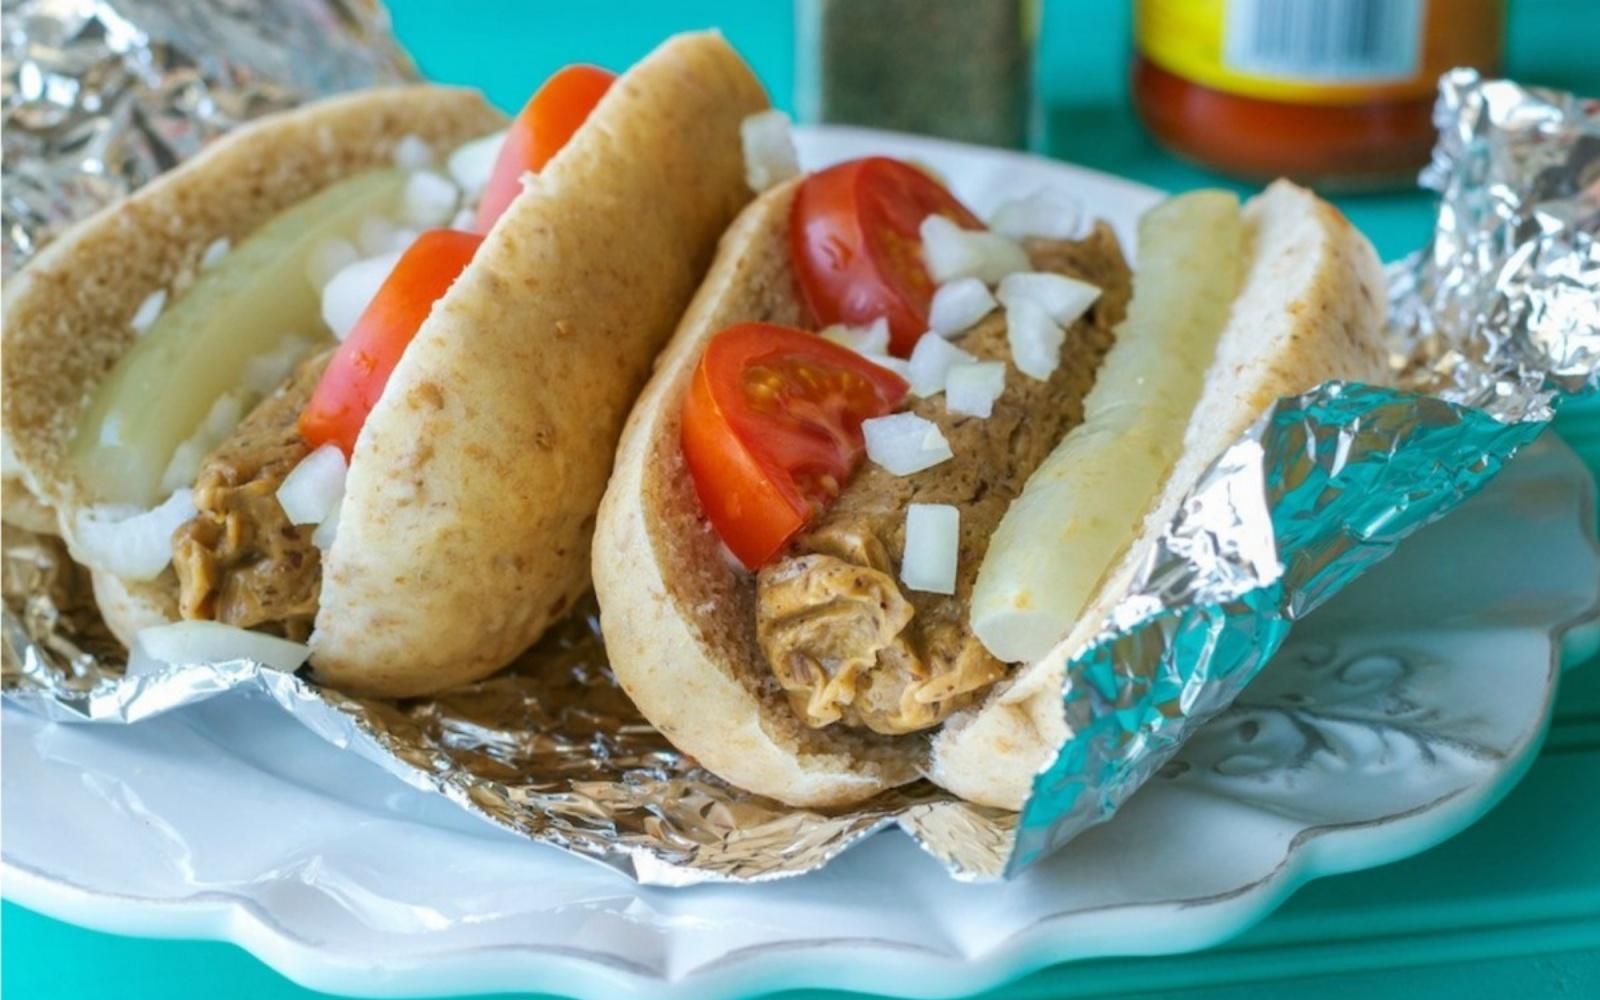 Homemade Seitan Hot Dogs